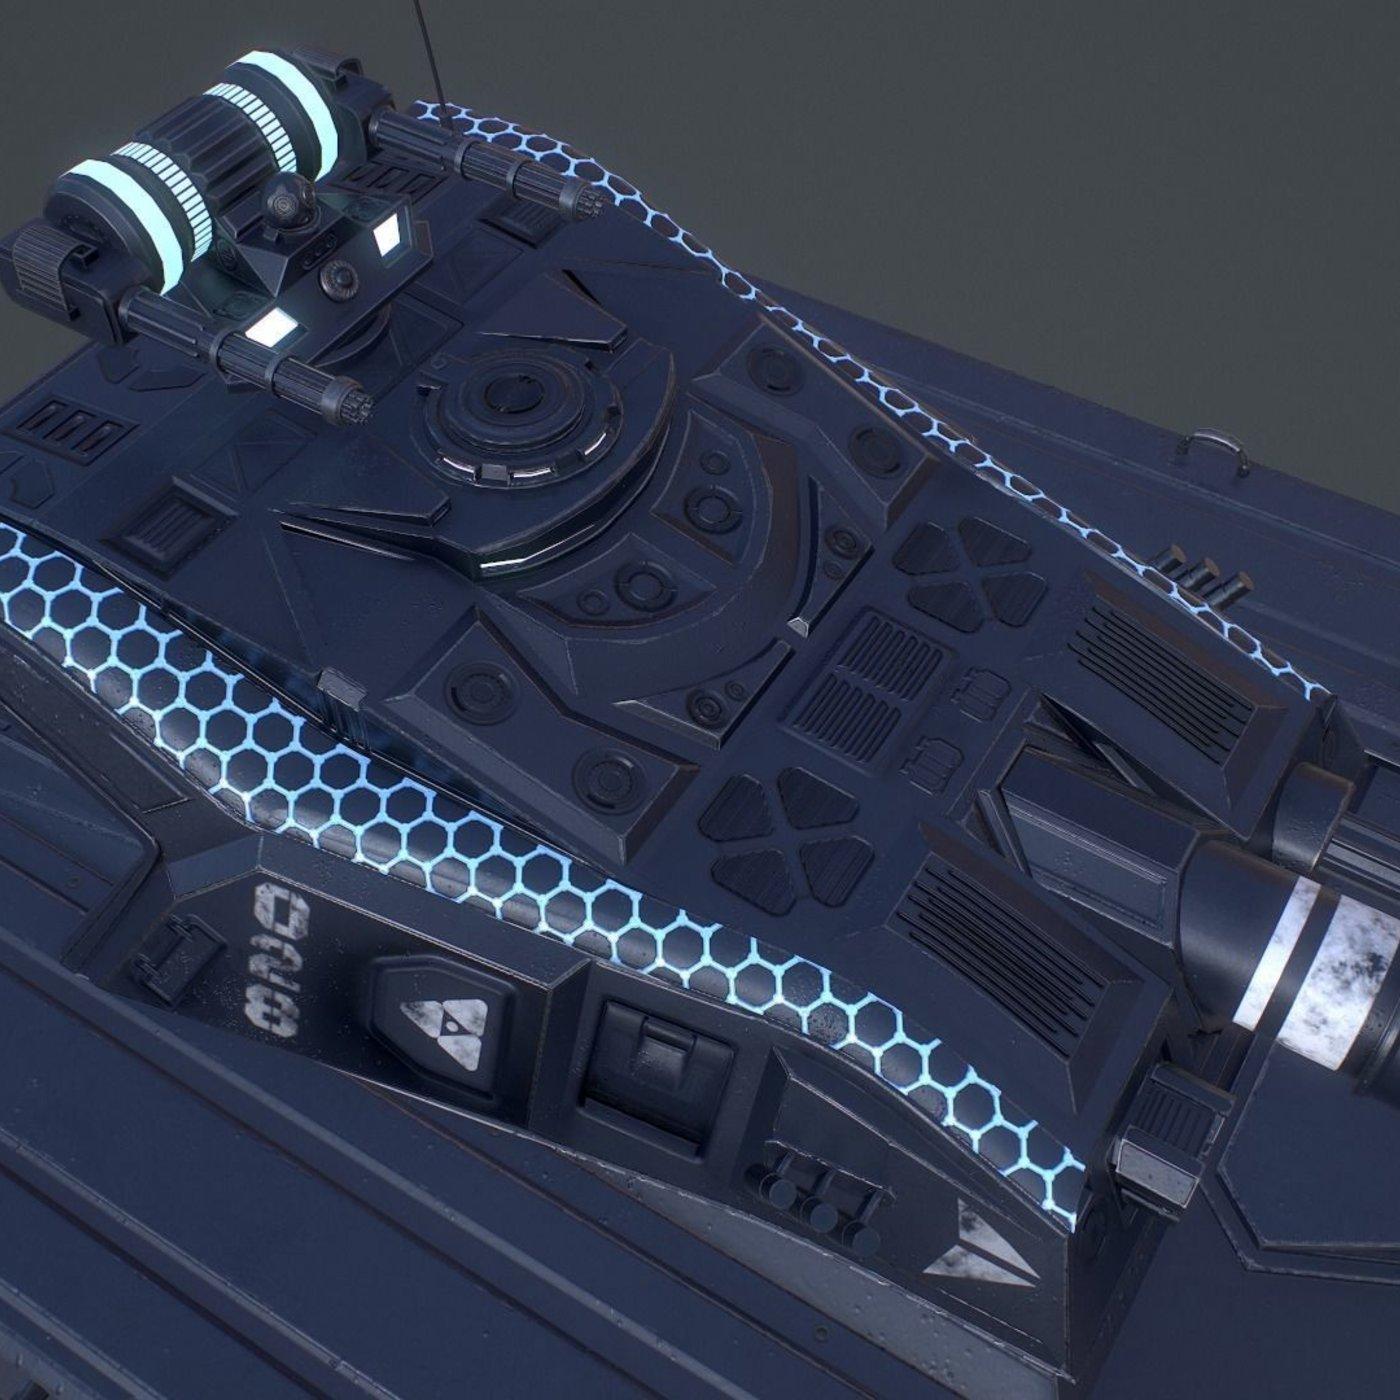 Sci-Fi Tank